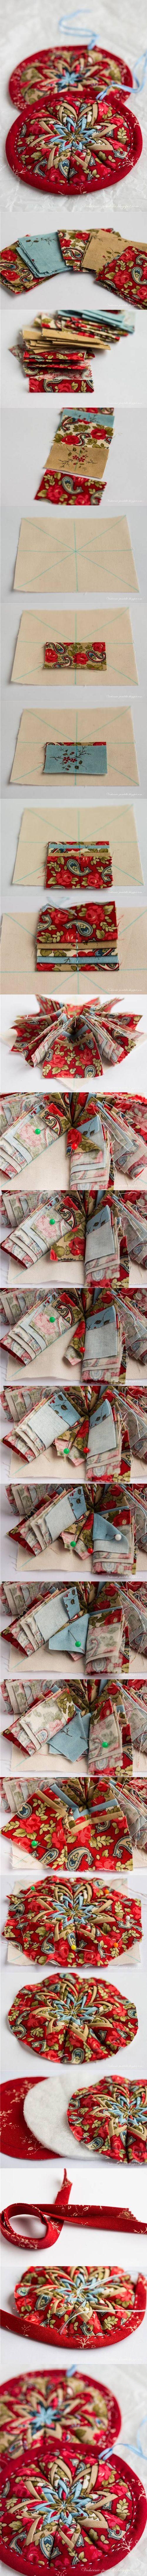 DIY Fabric Star Ornament DIY Projects / UsefulDIY.com